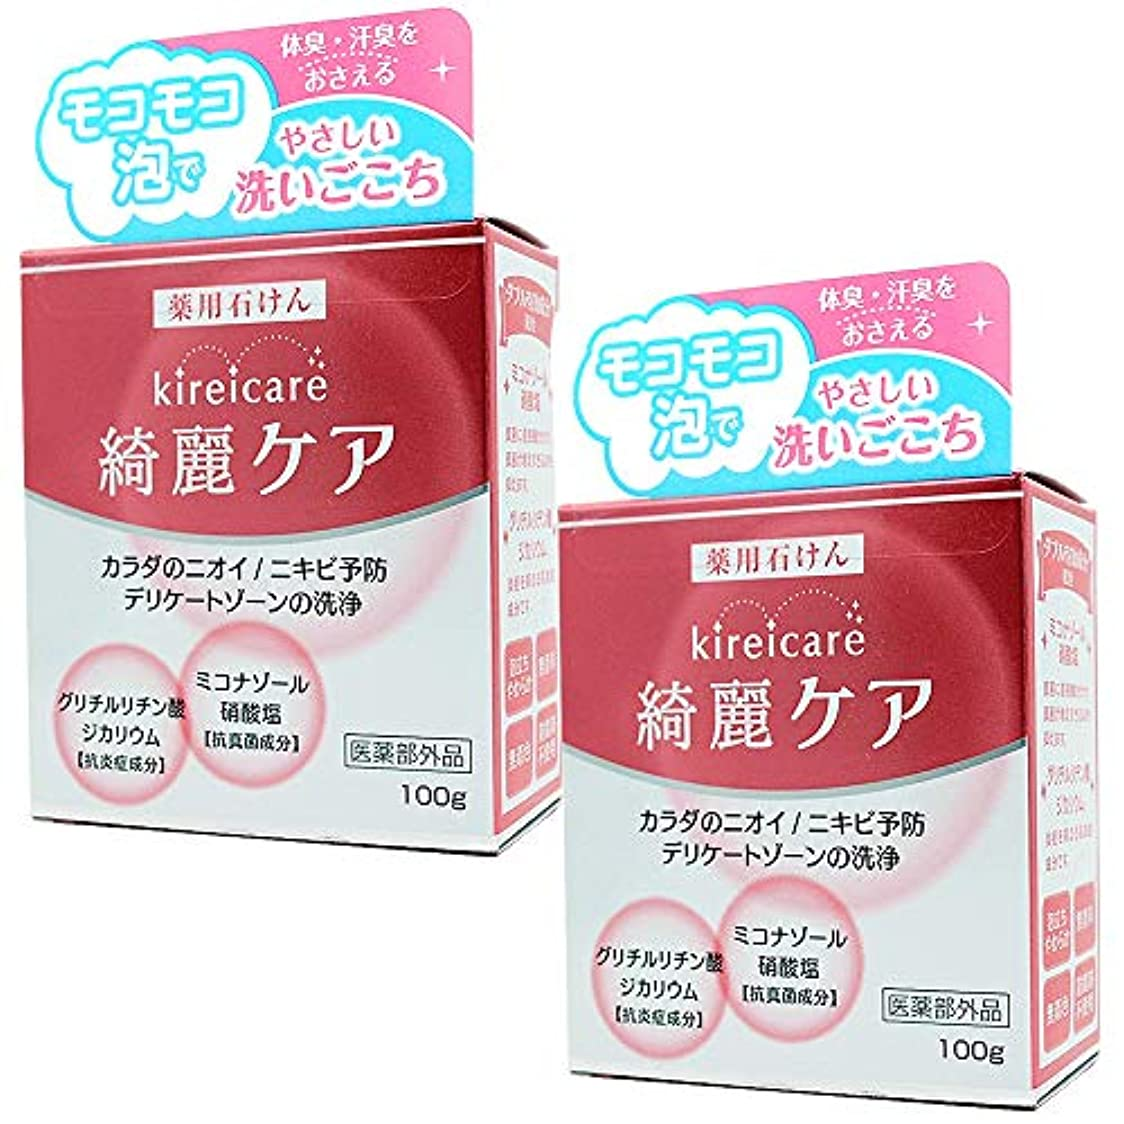 伝える媒染剤ピストル白金製薬 ミコナゾール 綺麗ケア 薬用石けん 100g [医薬部外品] 2個セット